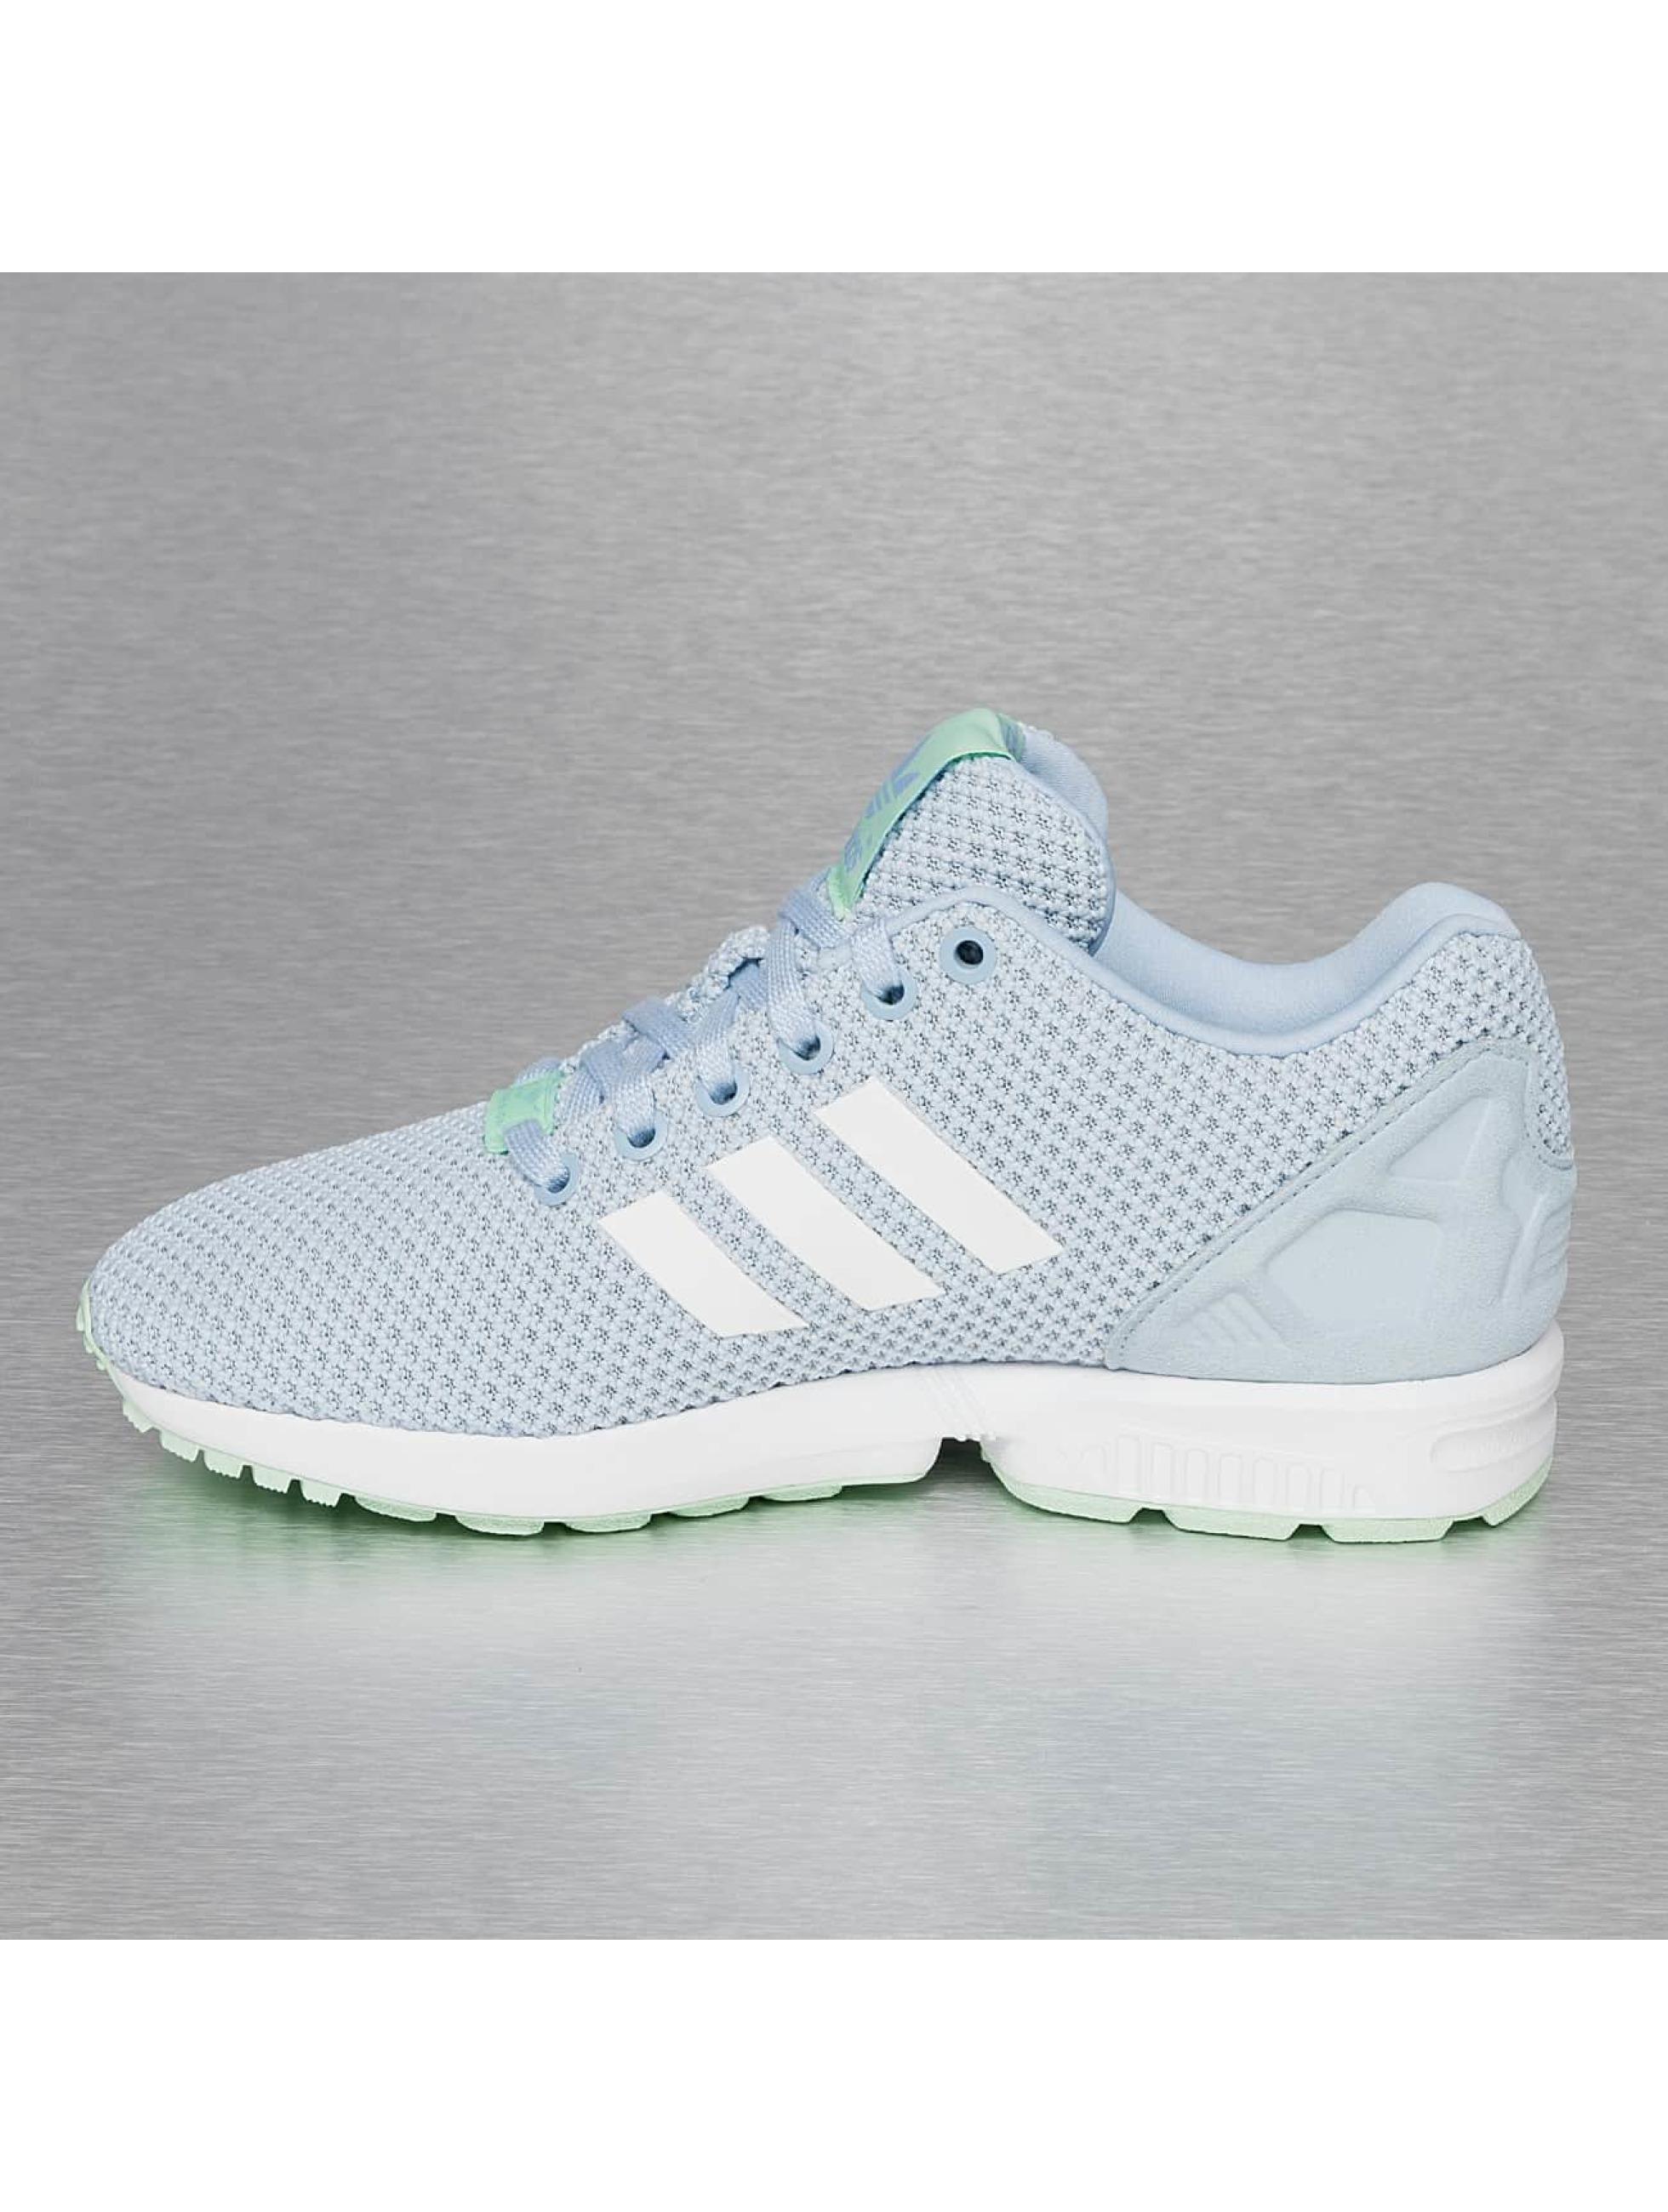 adidas sneaker hellblau